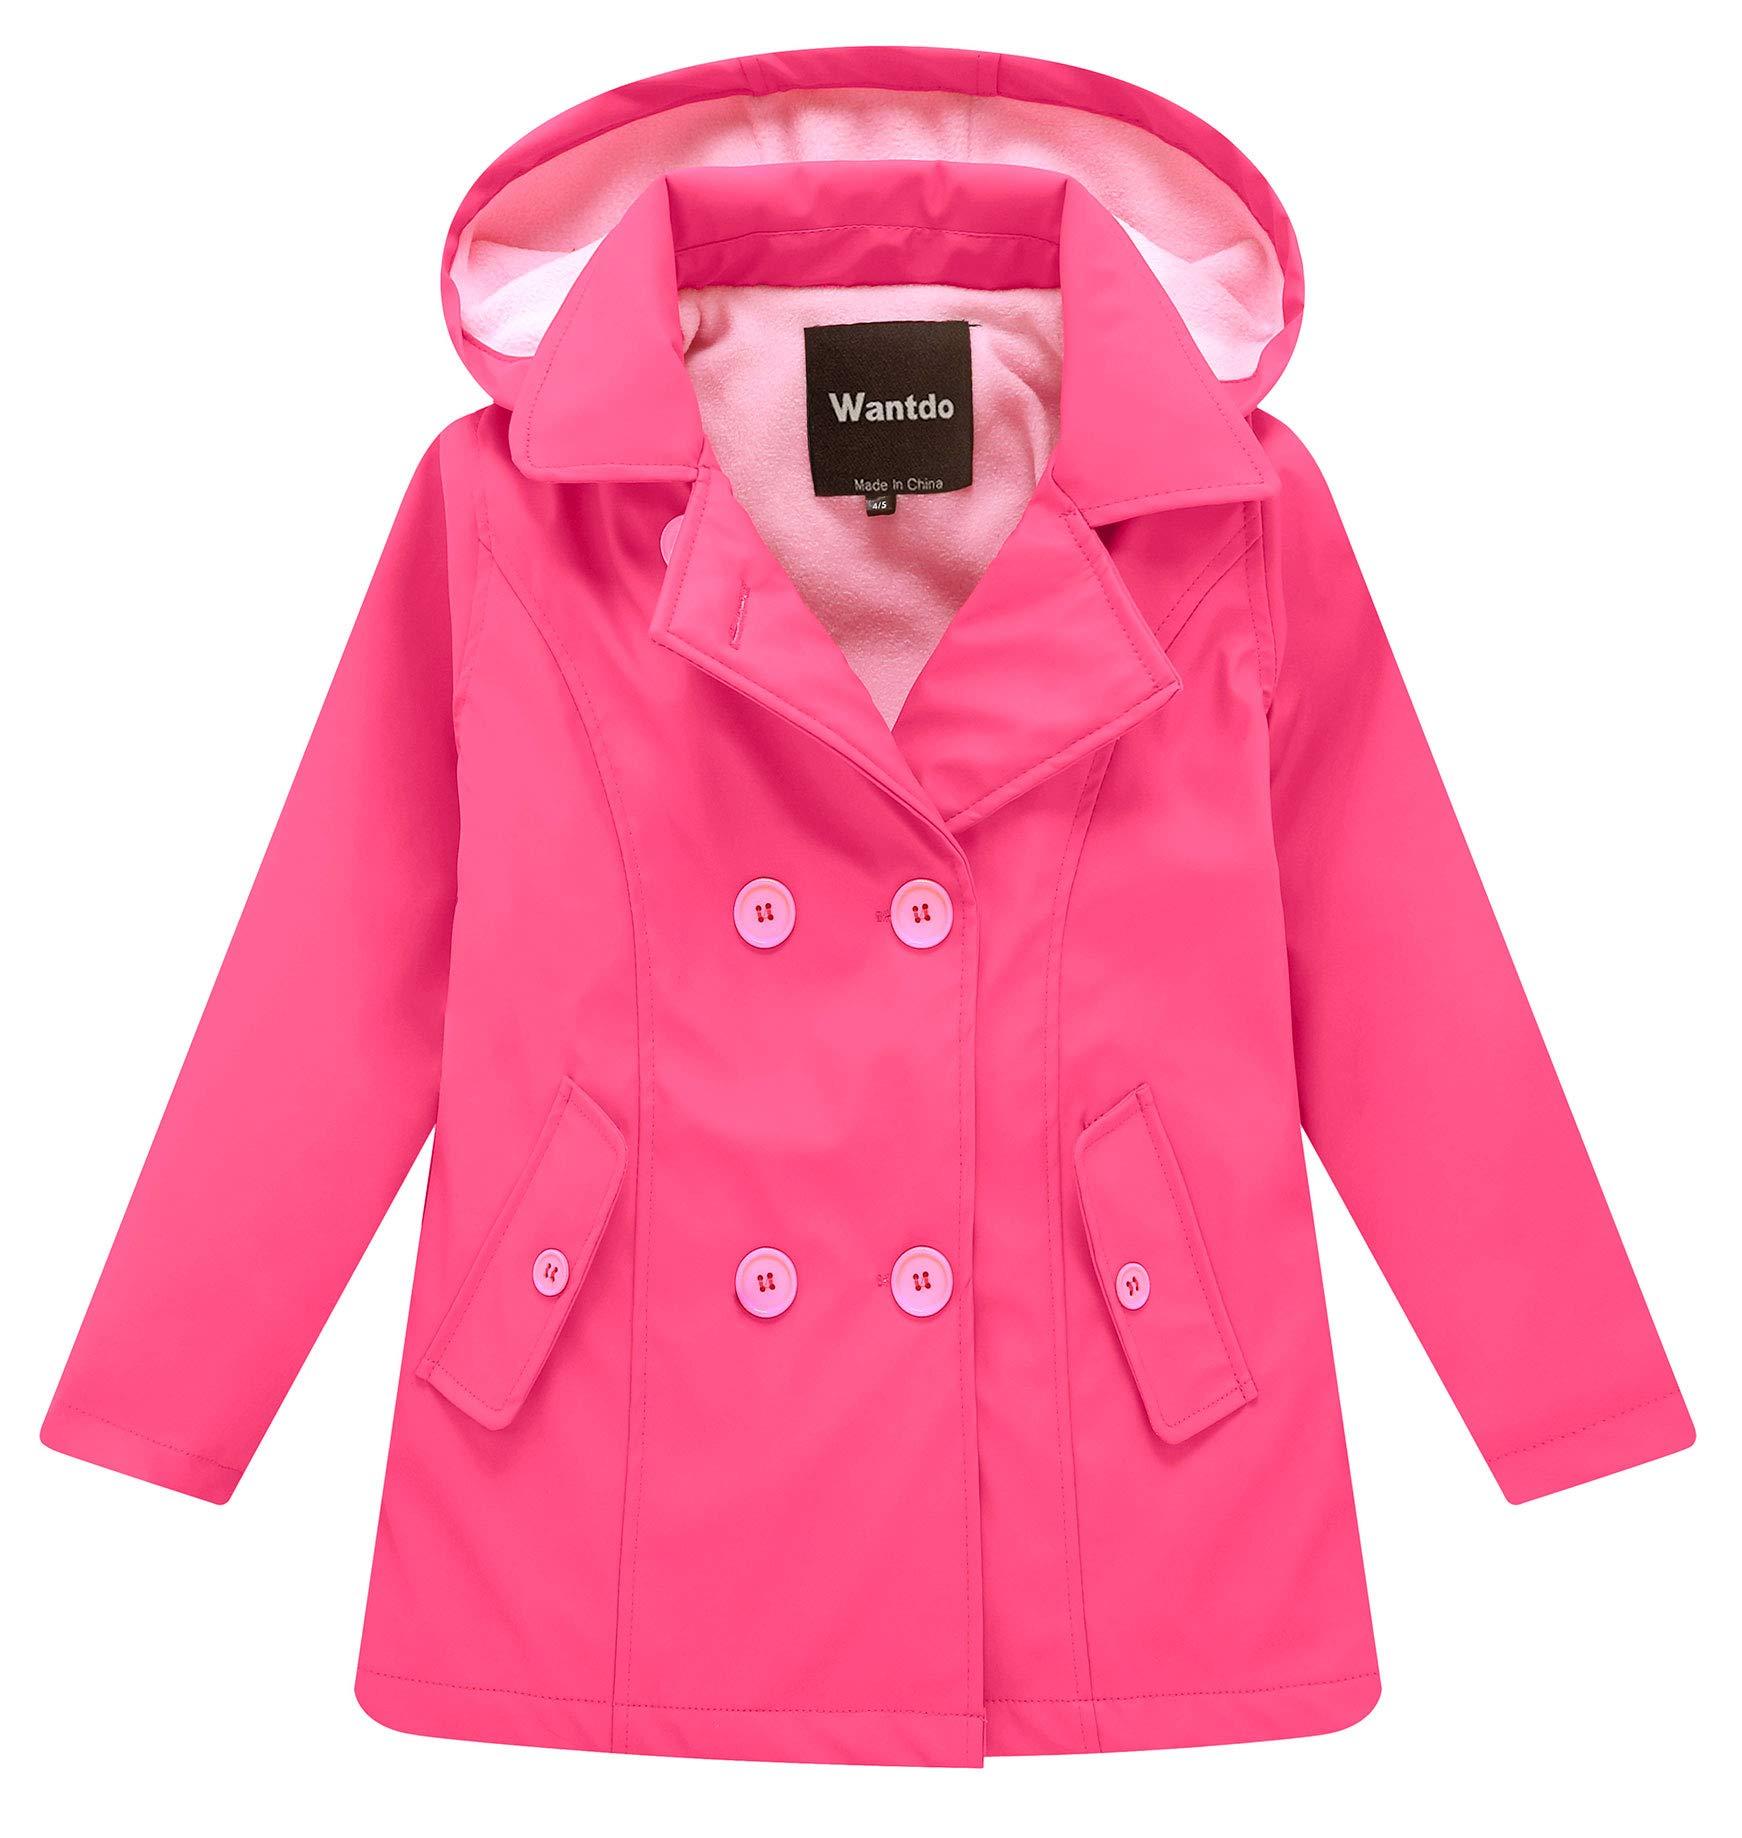 Wantdo Girl's and Boy's Fleece Rain Jacket Waterproof Windbreaker with Removable Hood(Rose Red, 9-10Y) by Wantdo